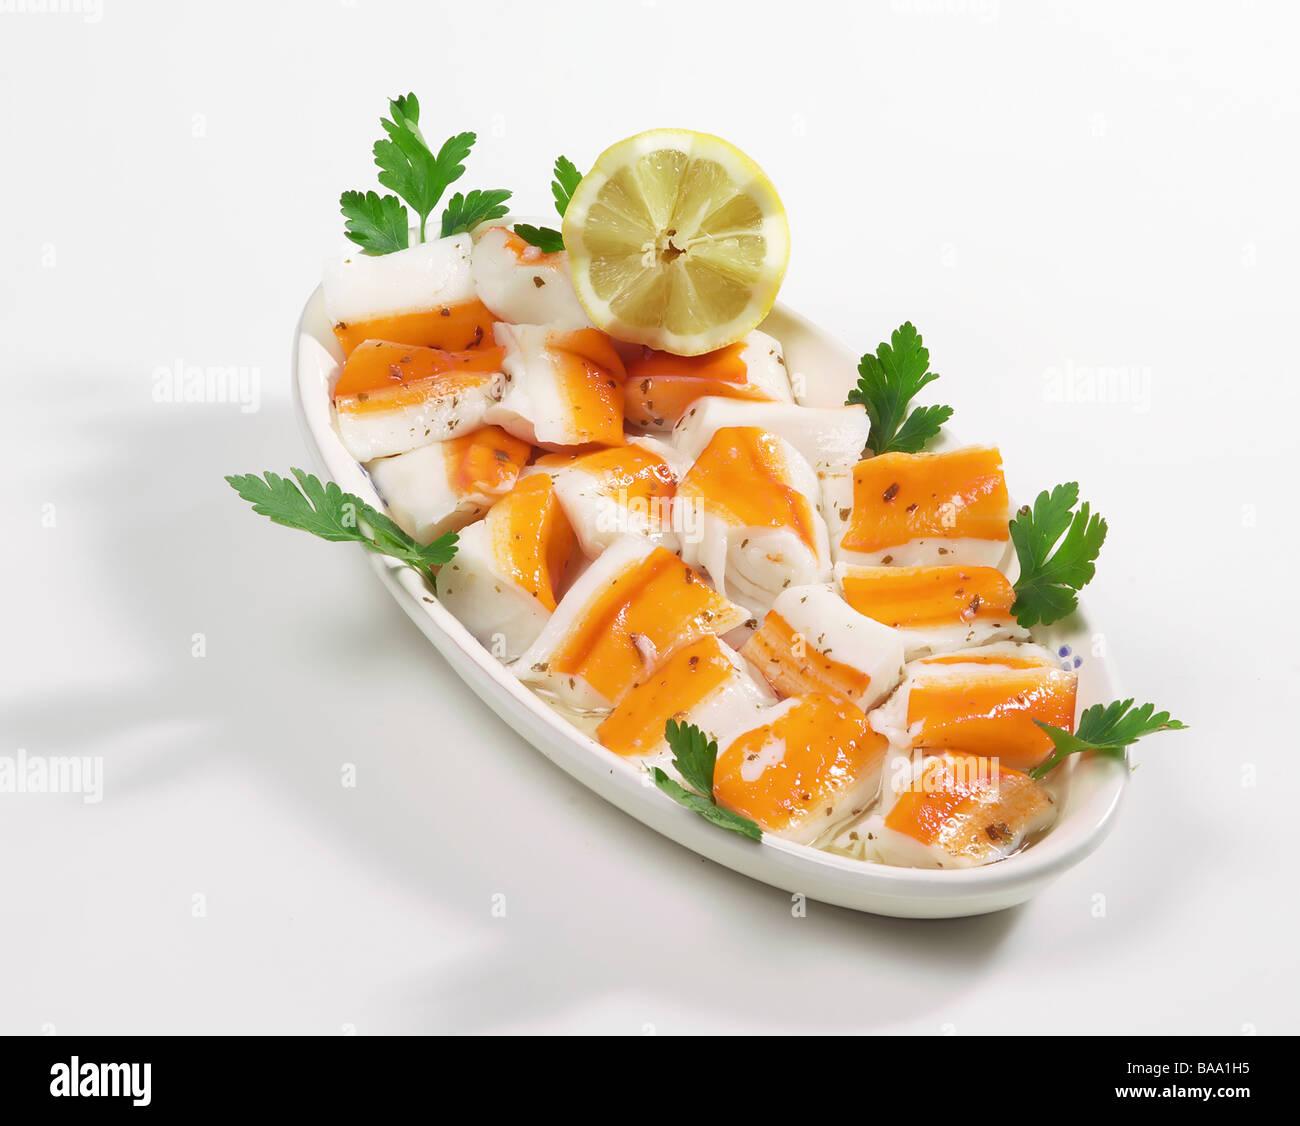 Le plat de crabe surimi Photo Stock